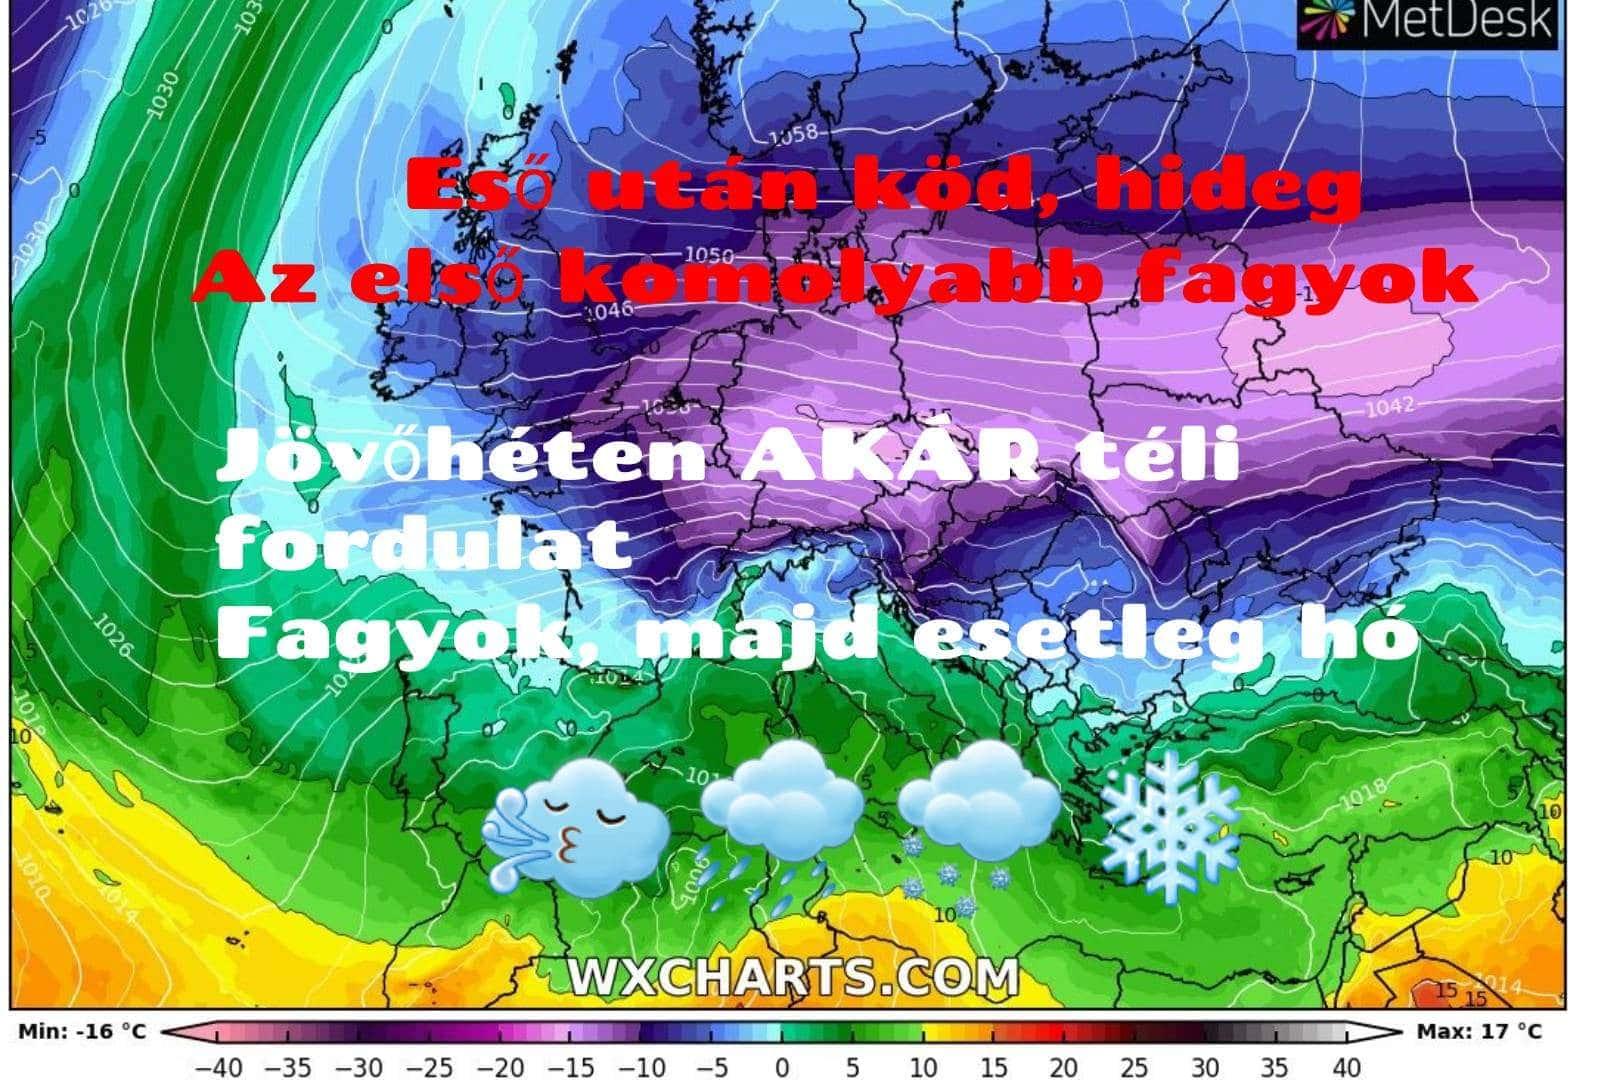 Hosszútávú kilátások: eső után köd és fagyos reggelek, jövőhéten AKÁR téli fordulat, majd esetleg hó! (Videós időjárás előrejelzés) 7